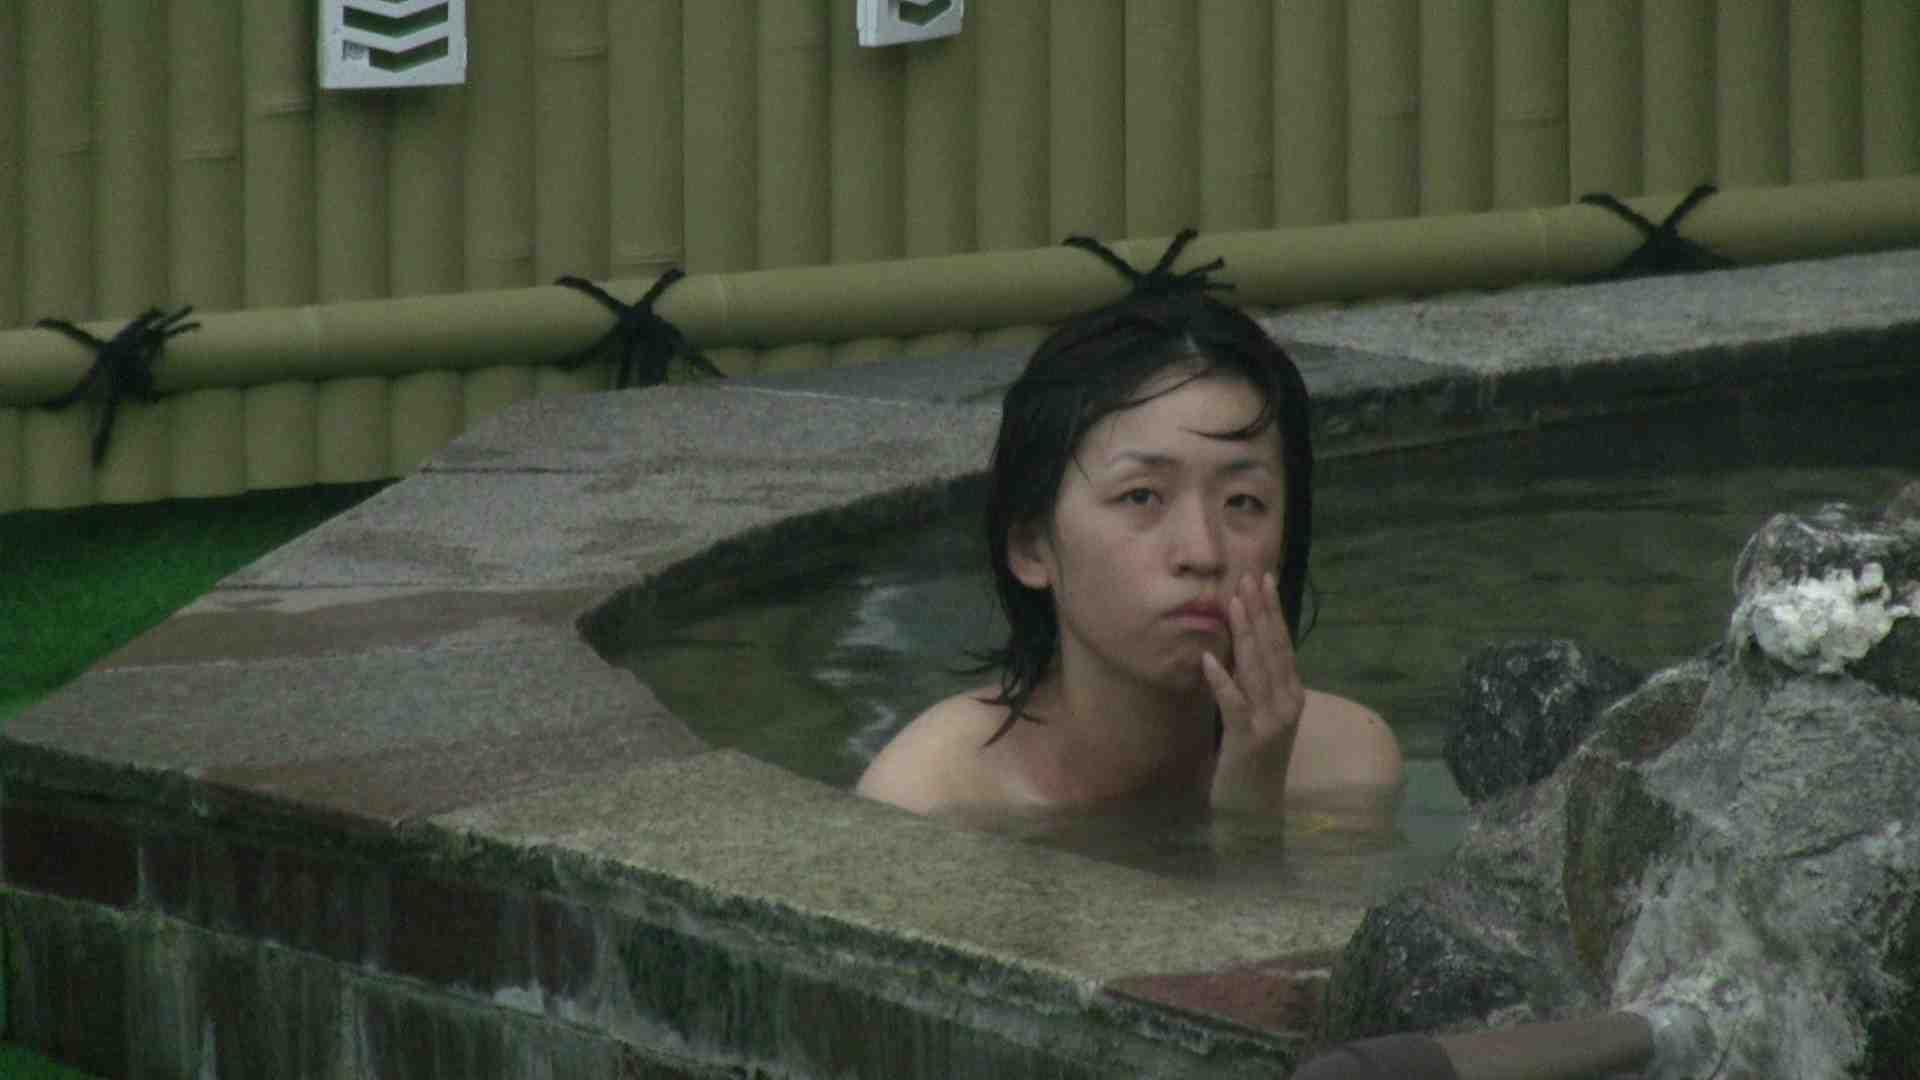 Aquaな露天風呂Vol.170 露天 ヌード画像 54画像 35